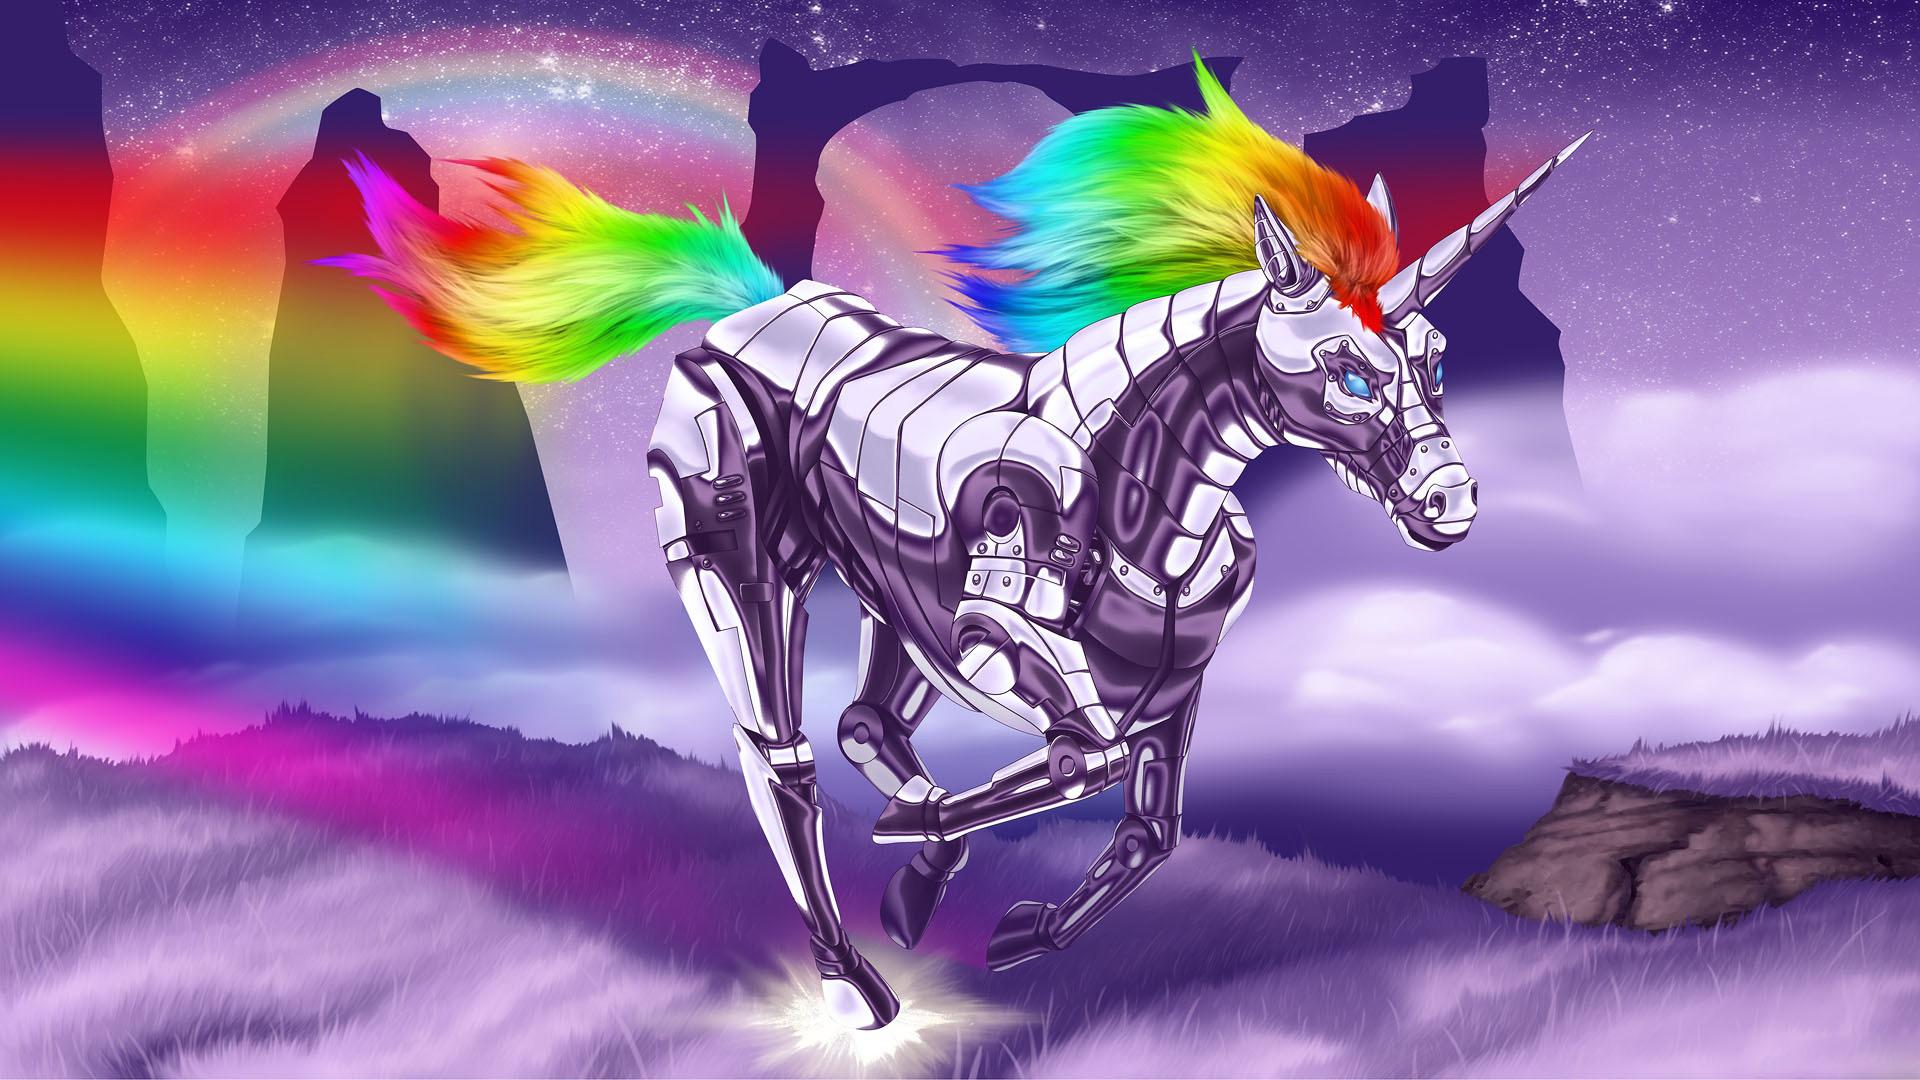 Unicorn background 4